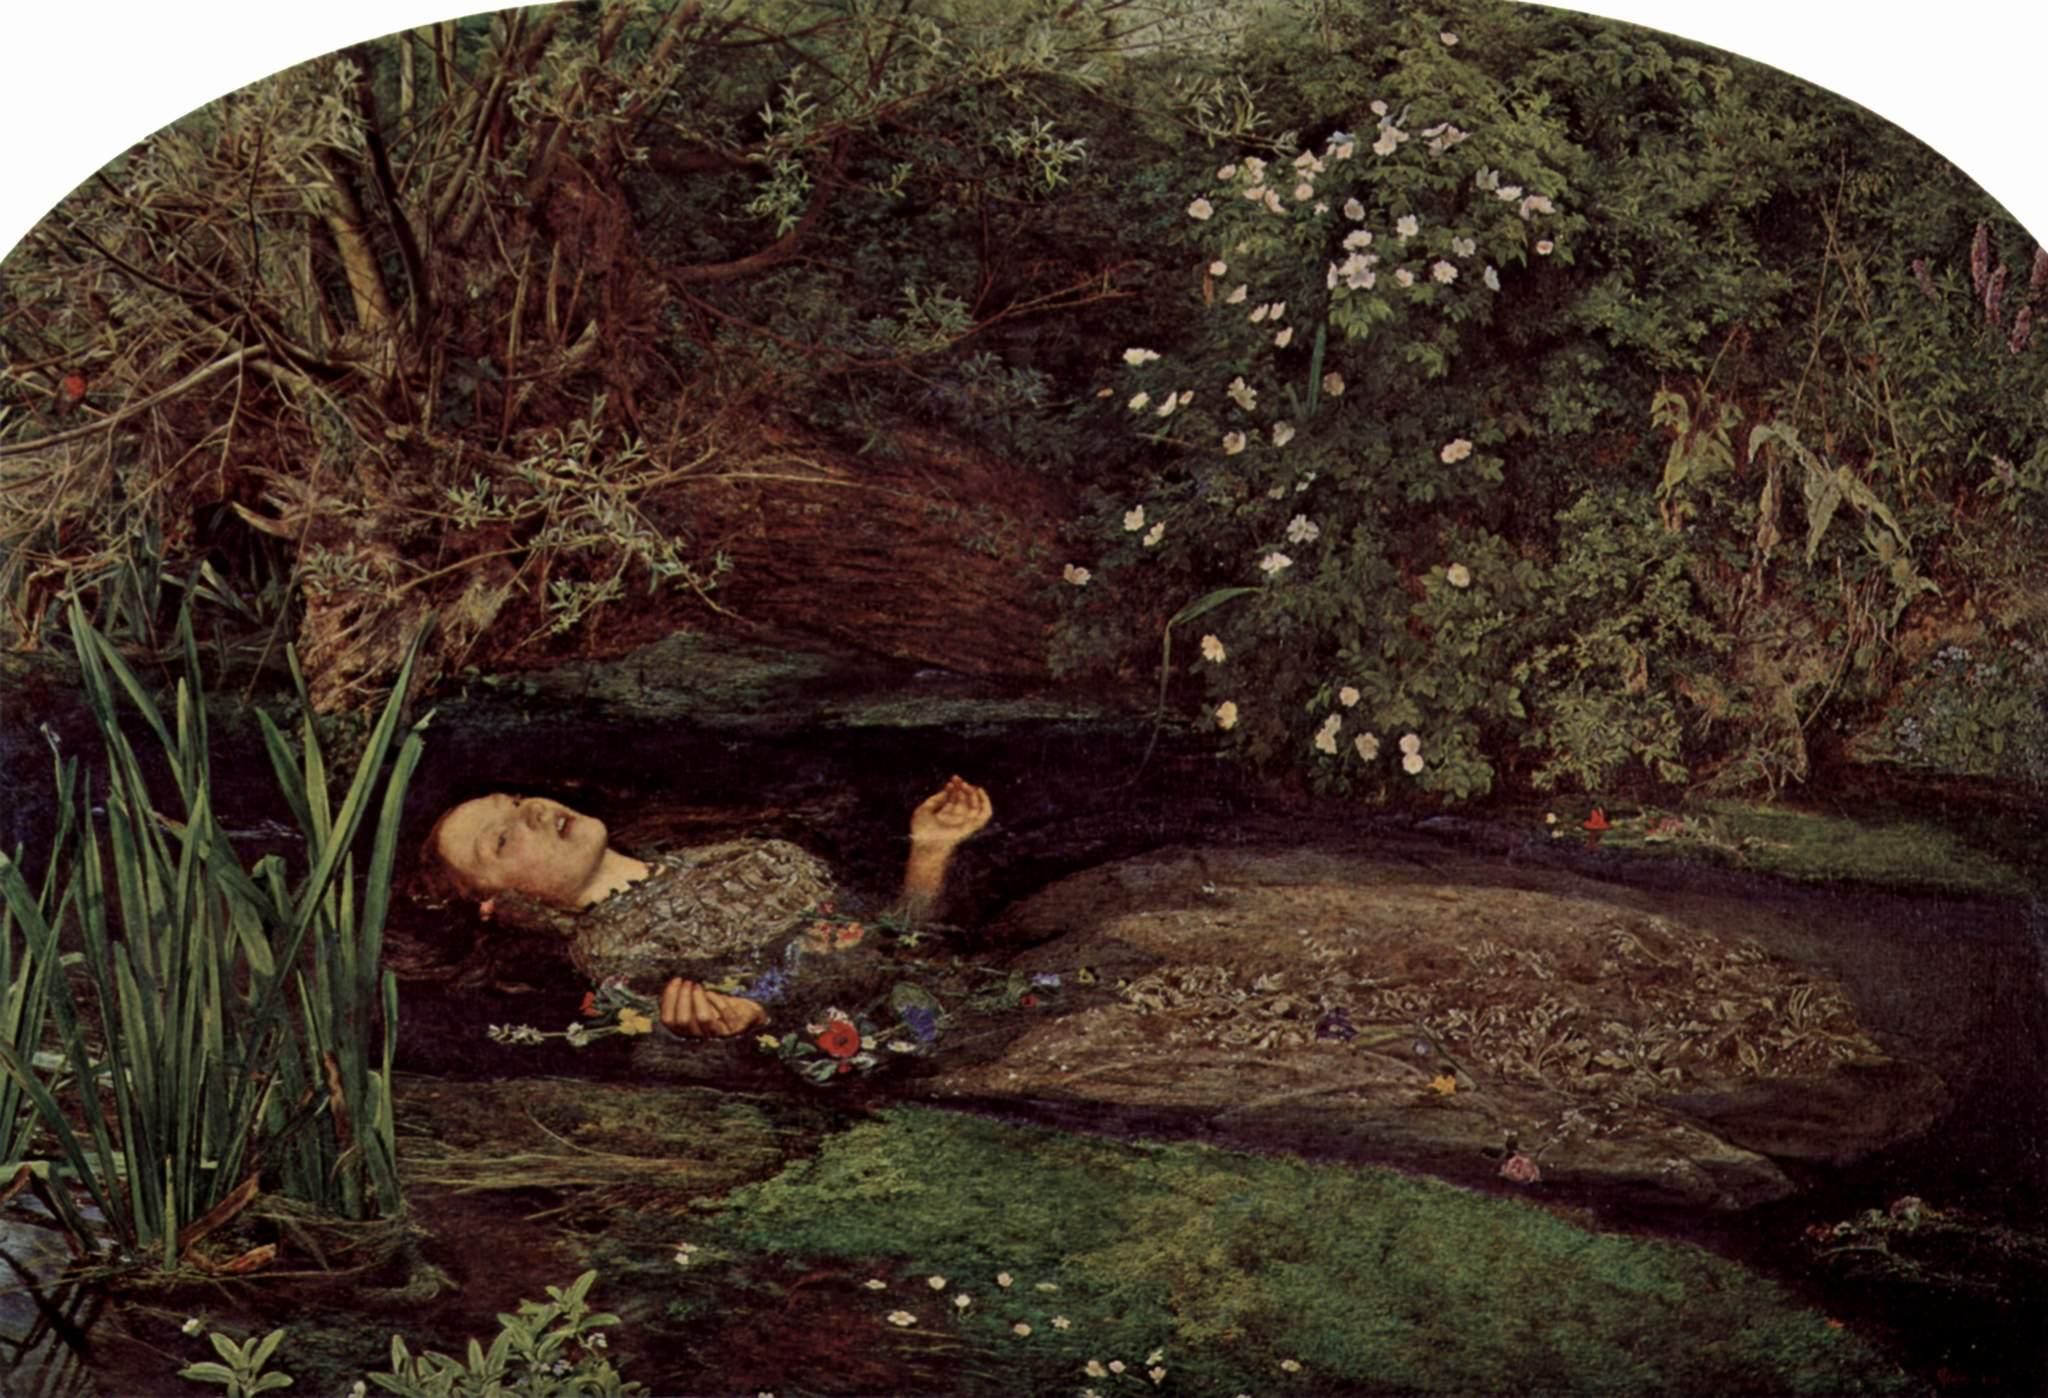 Ophelia Shakespeare: John Everett Millais